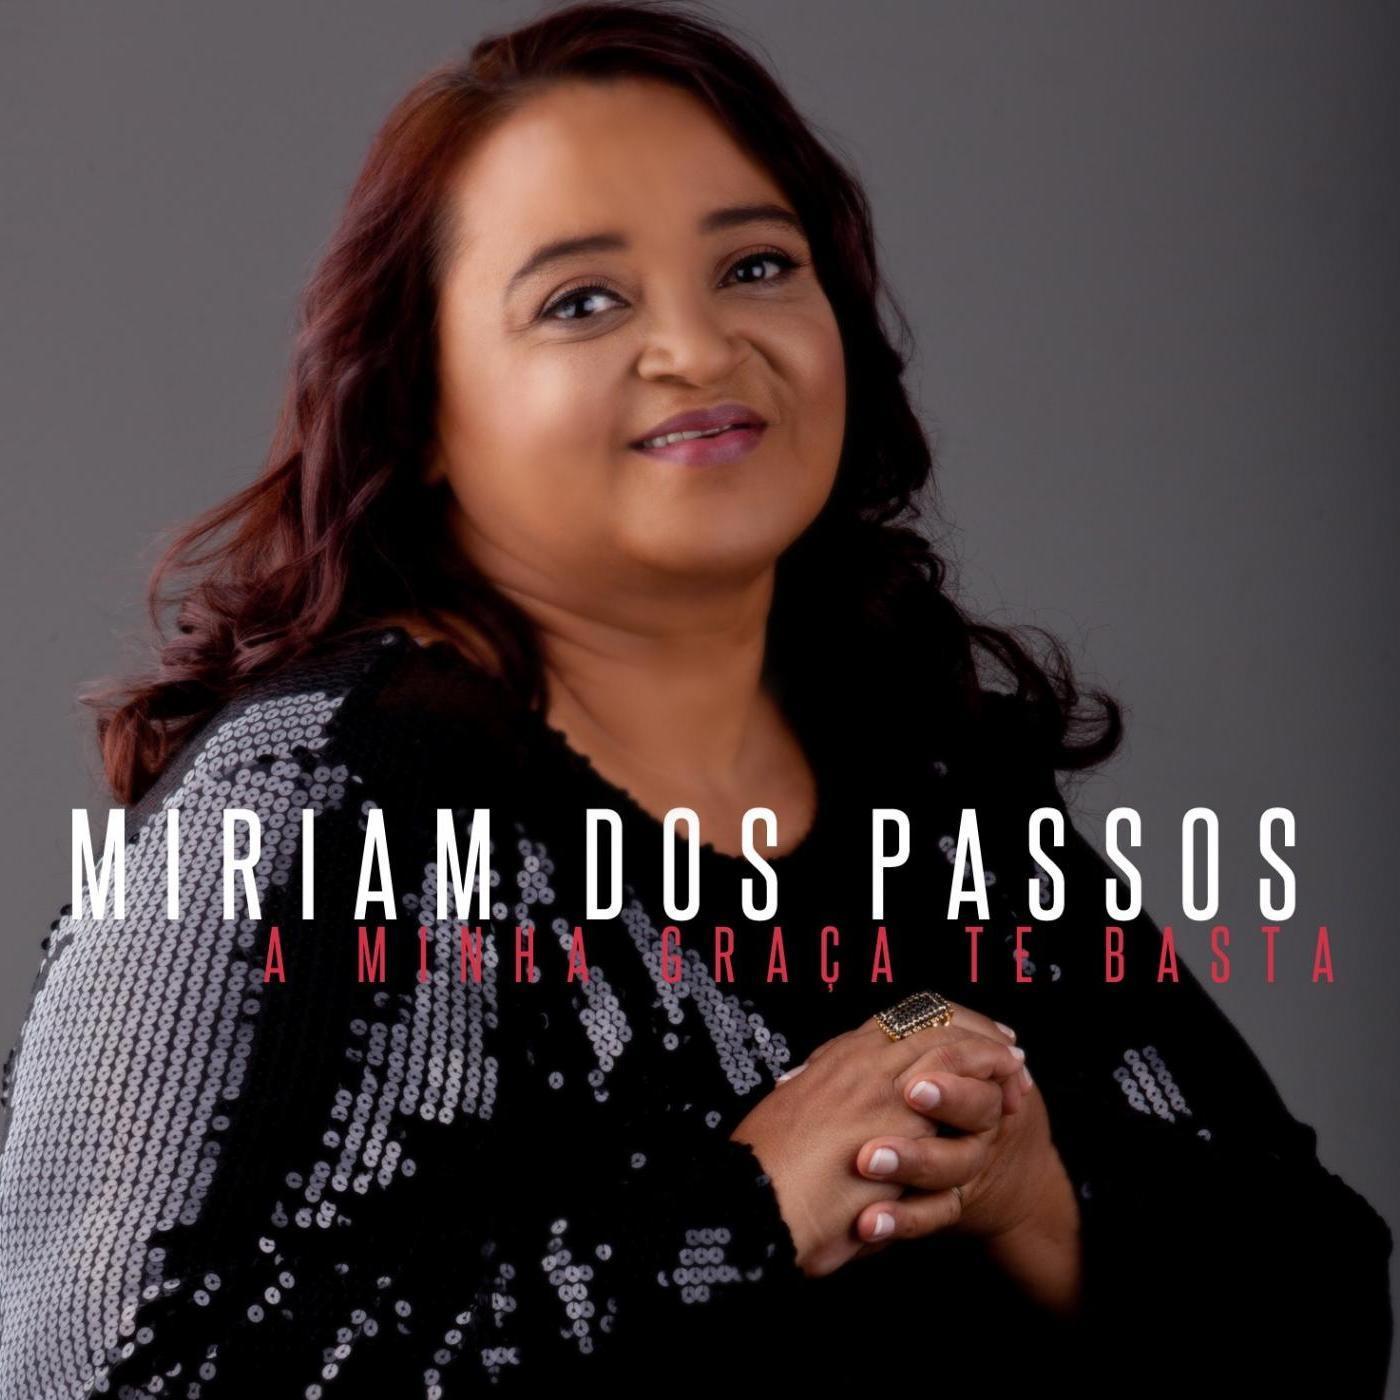 Miriam dos Passos - A Minha Gra�a Te Basta 2017